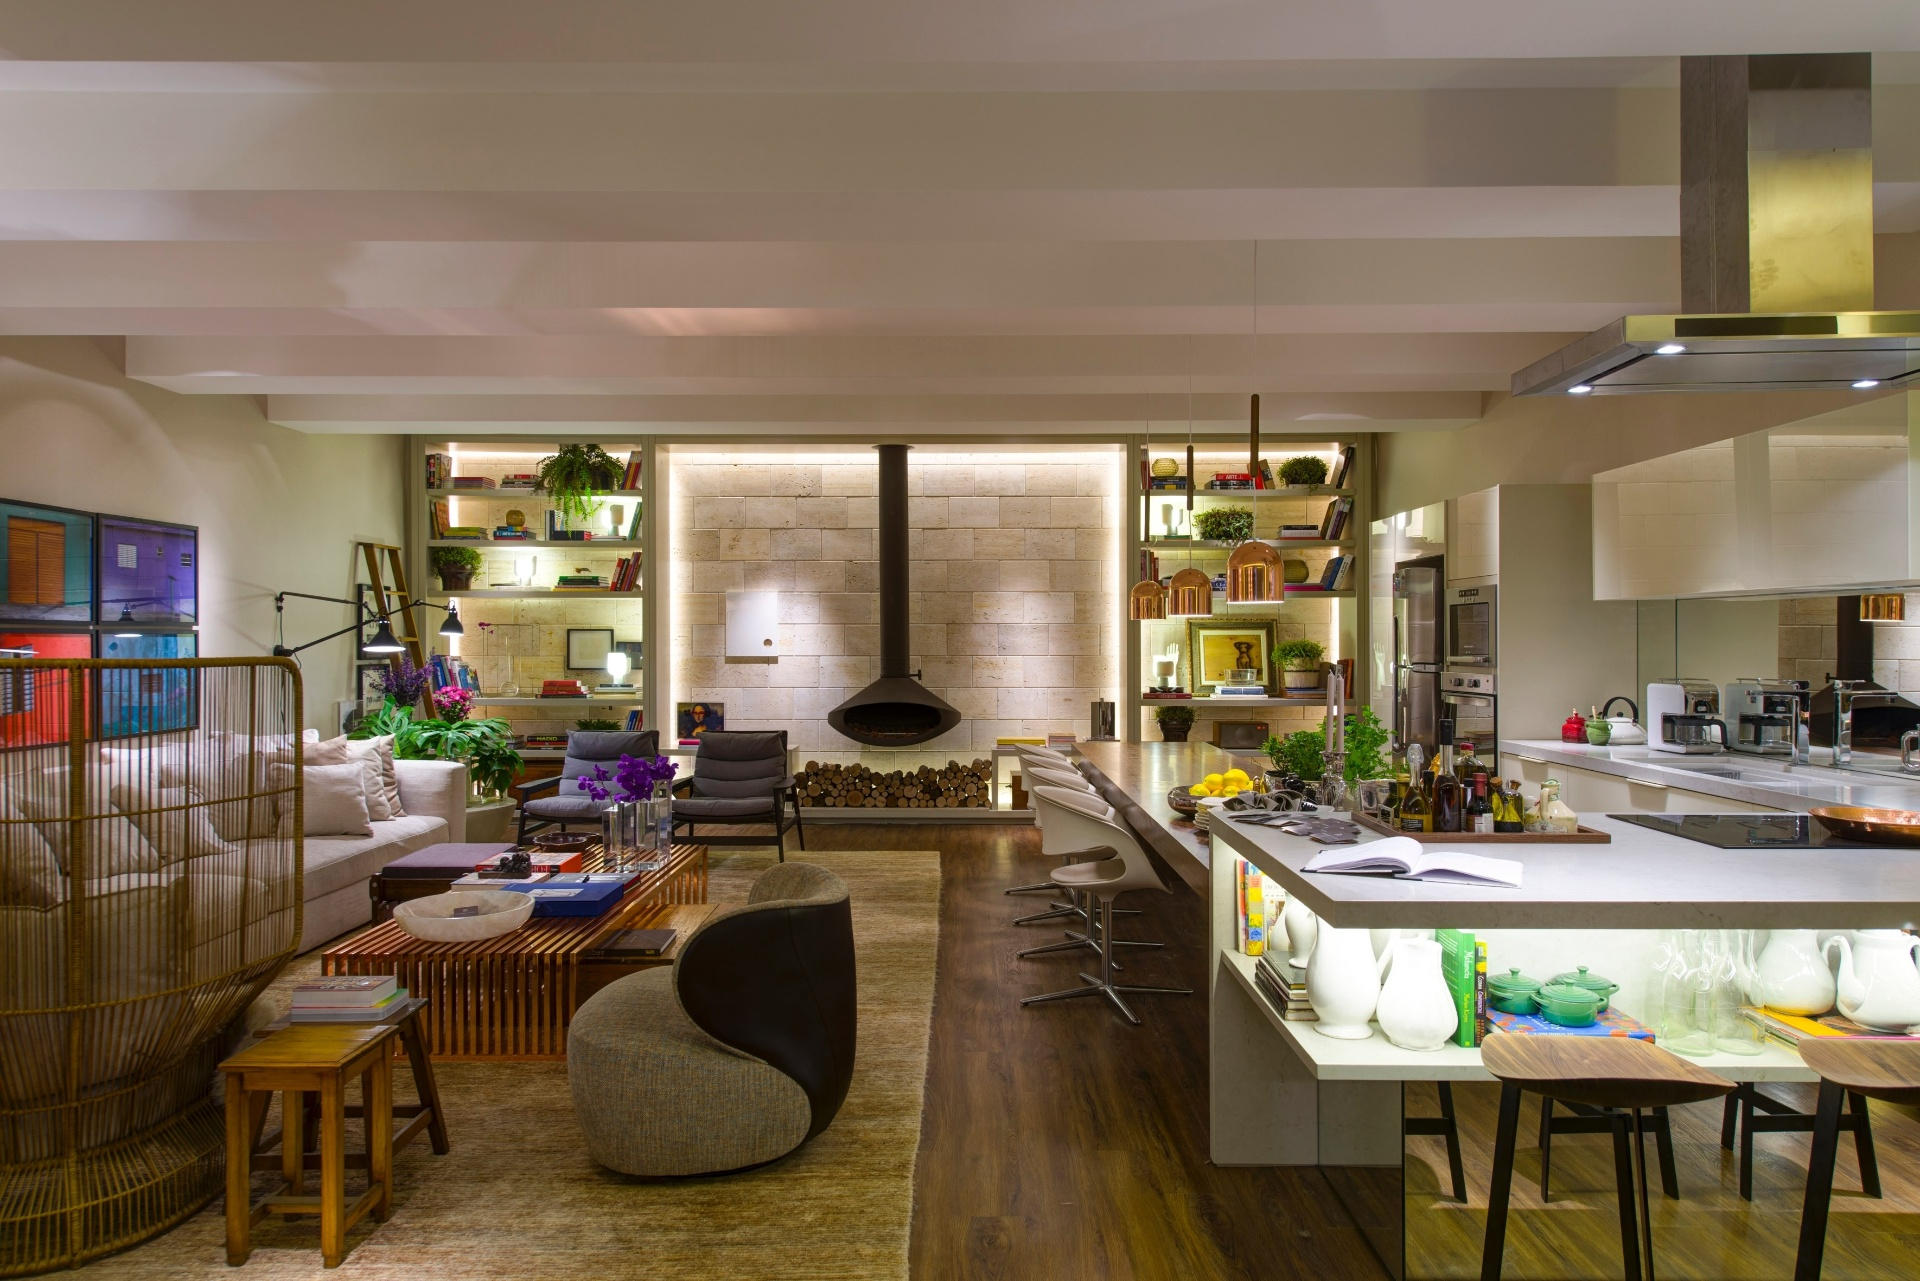 reduzidos: ideias de decoração para salas banheiros e cozinhas  #997D32 1920 1281